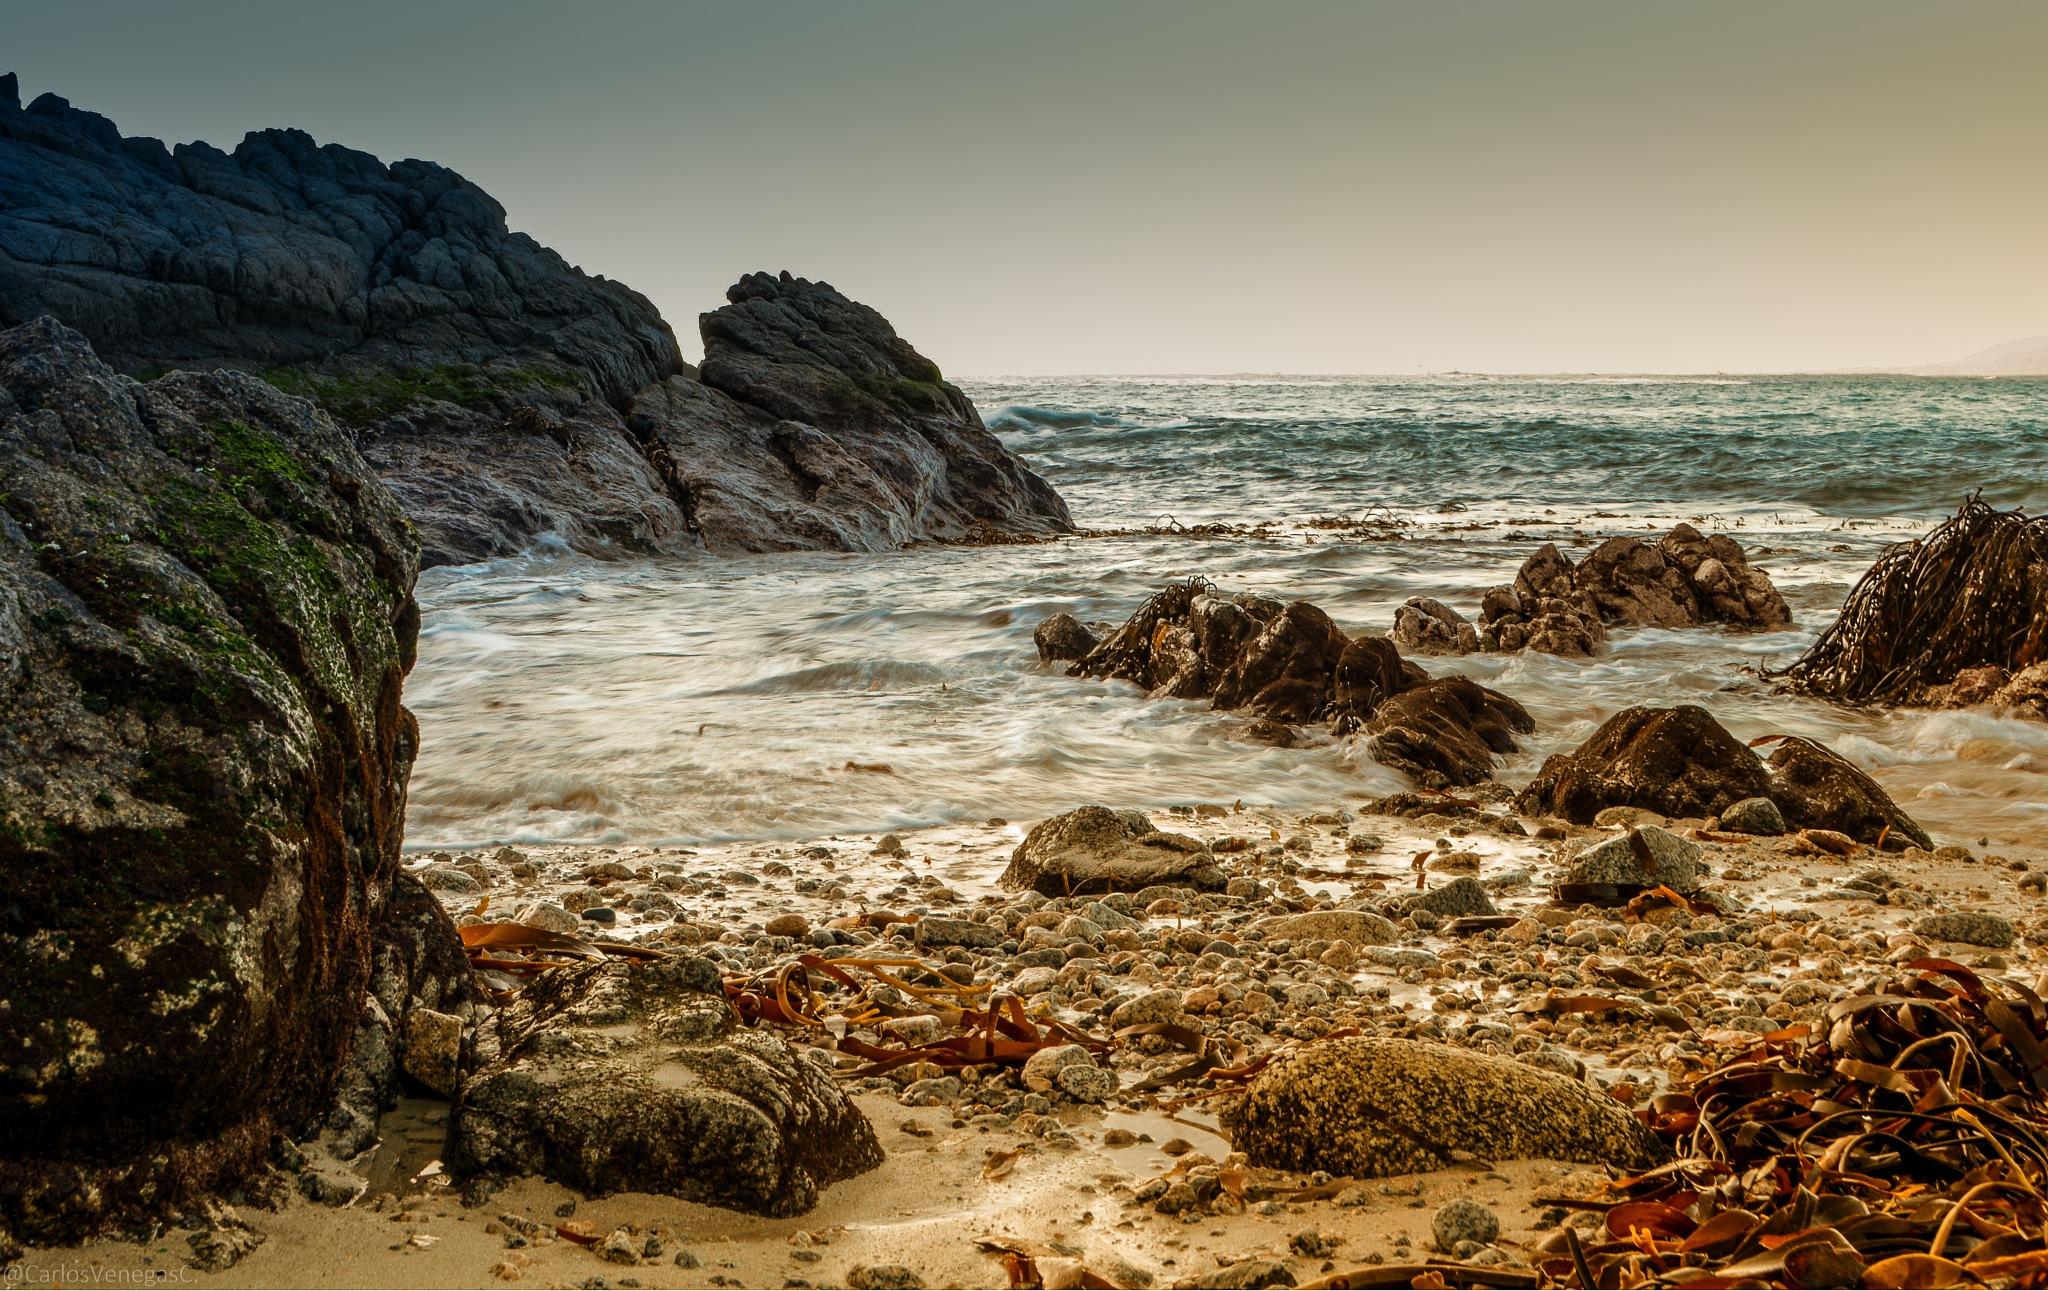 Playa el Canelo. by CarlosVenegas.